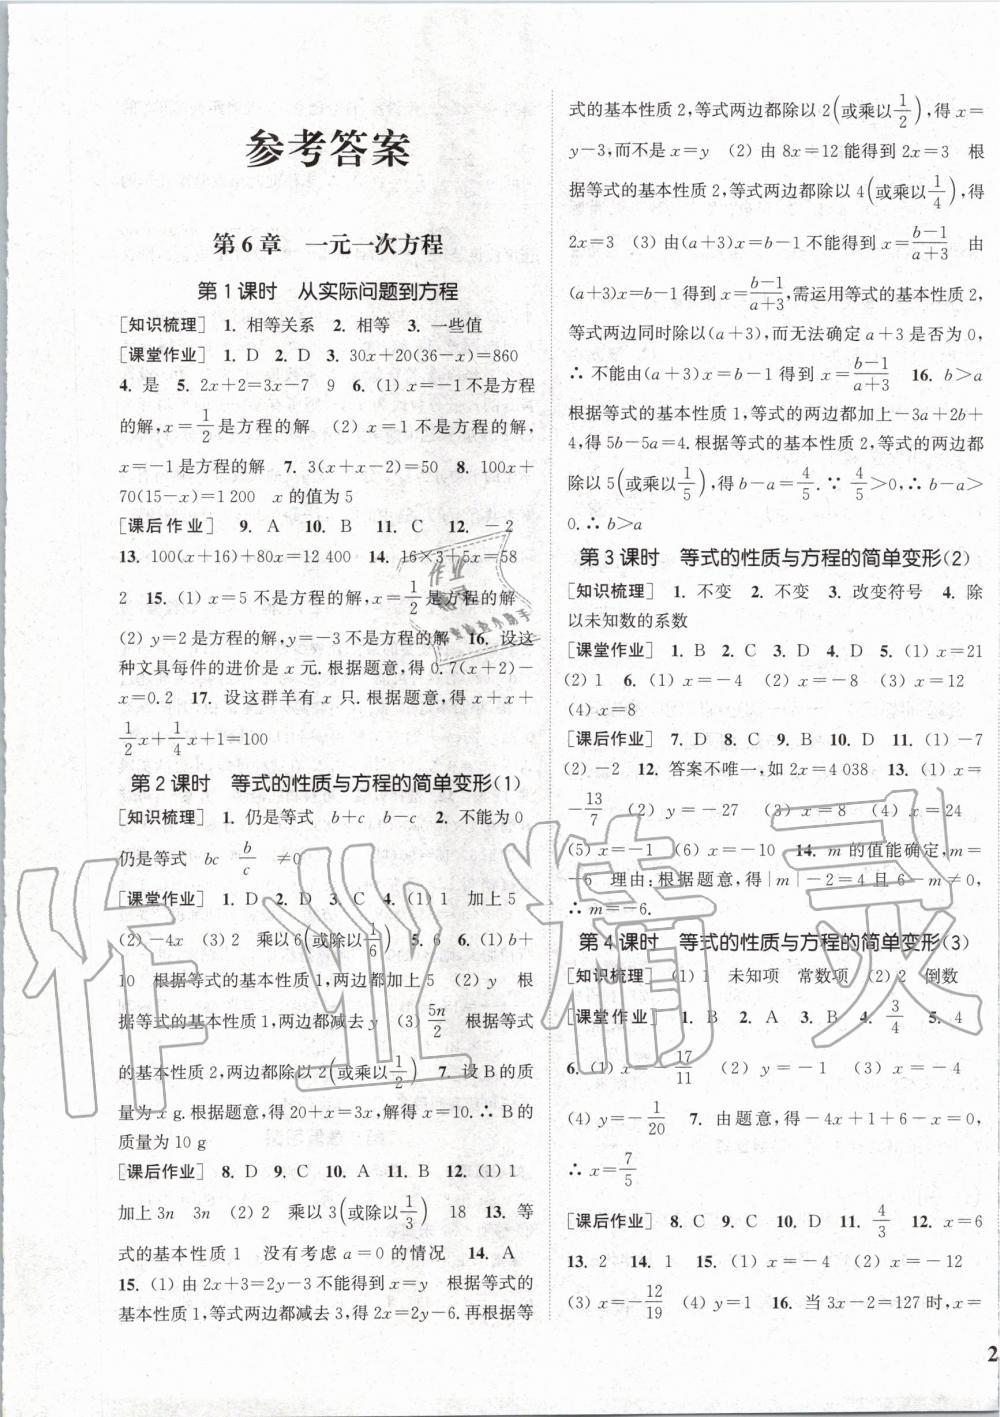 2020年通城学典课时作业本七年级数学下册华师大版第1页